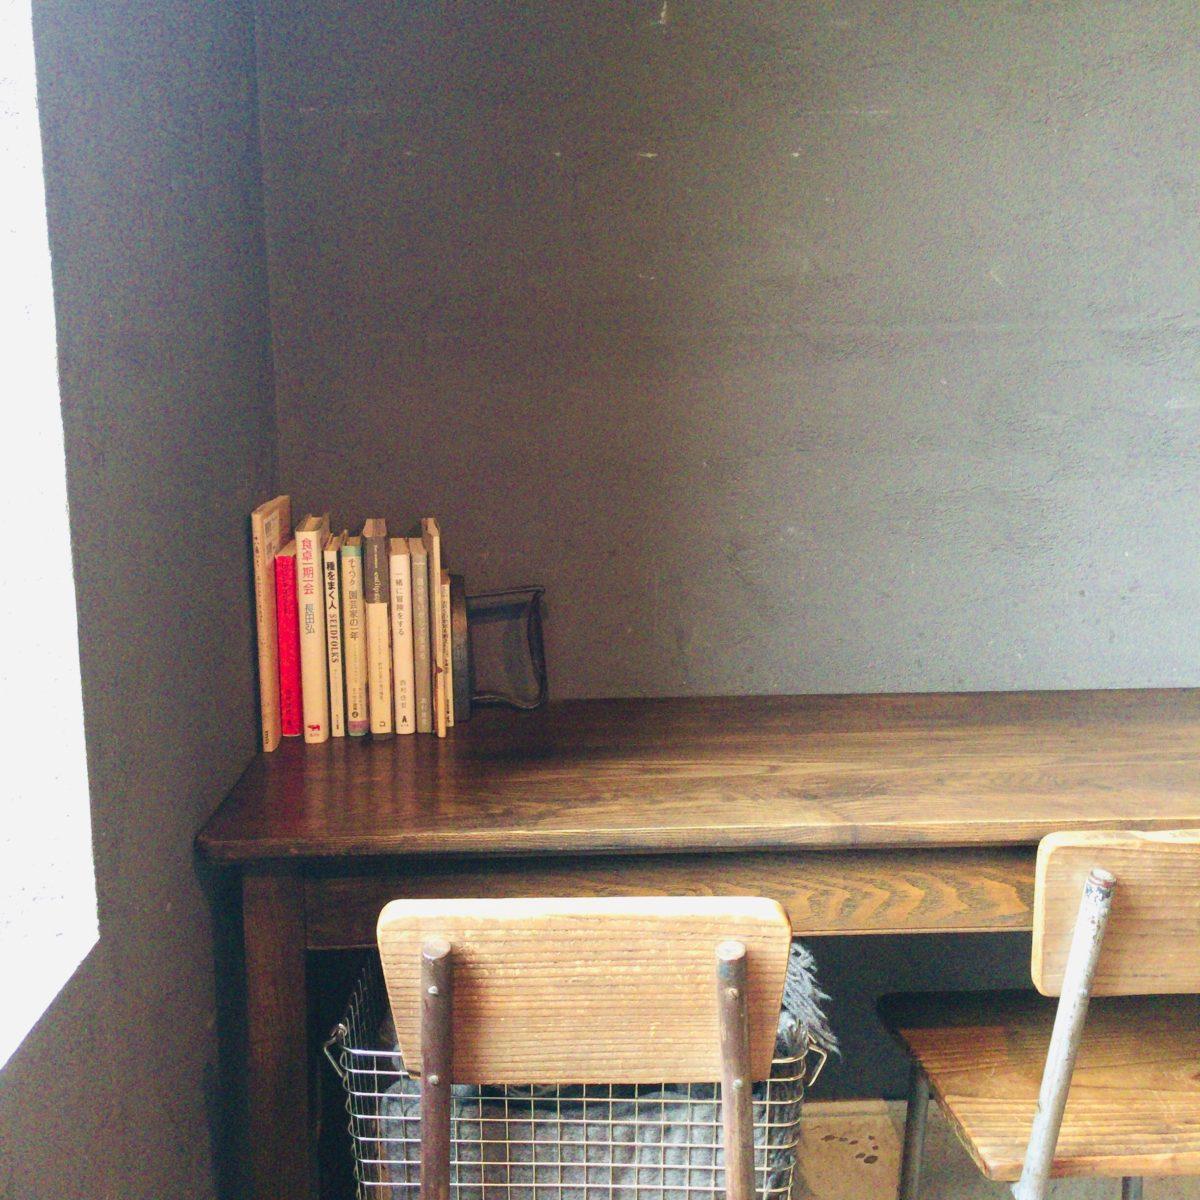 NICE TIME CAFEの横長テーブル